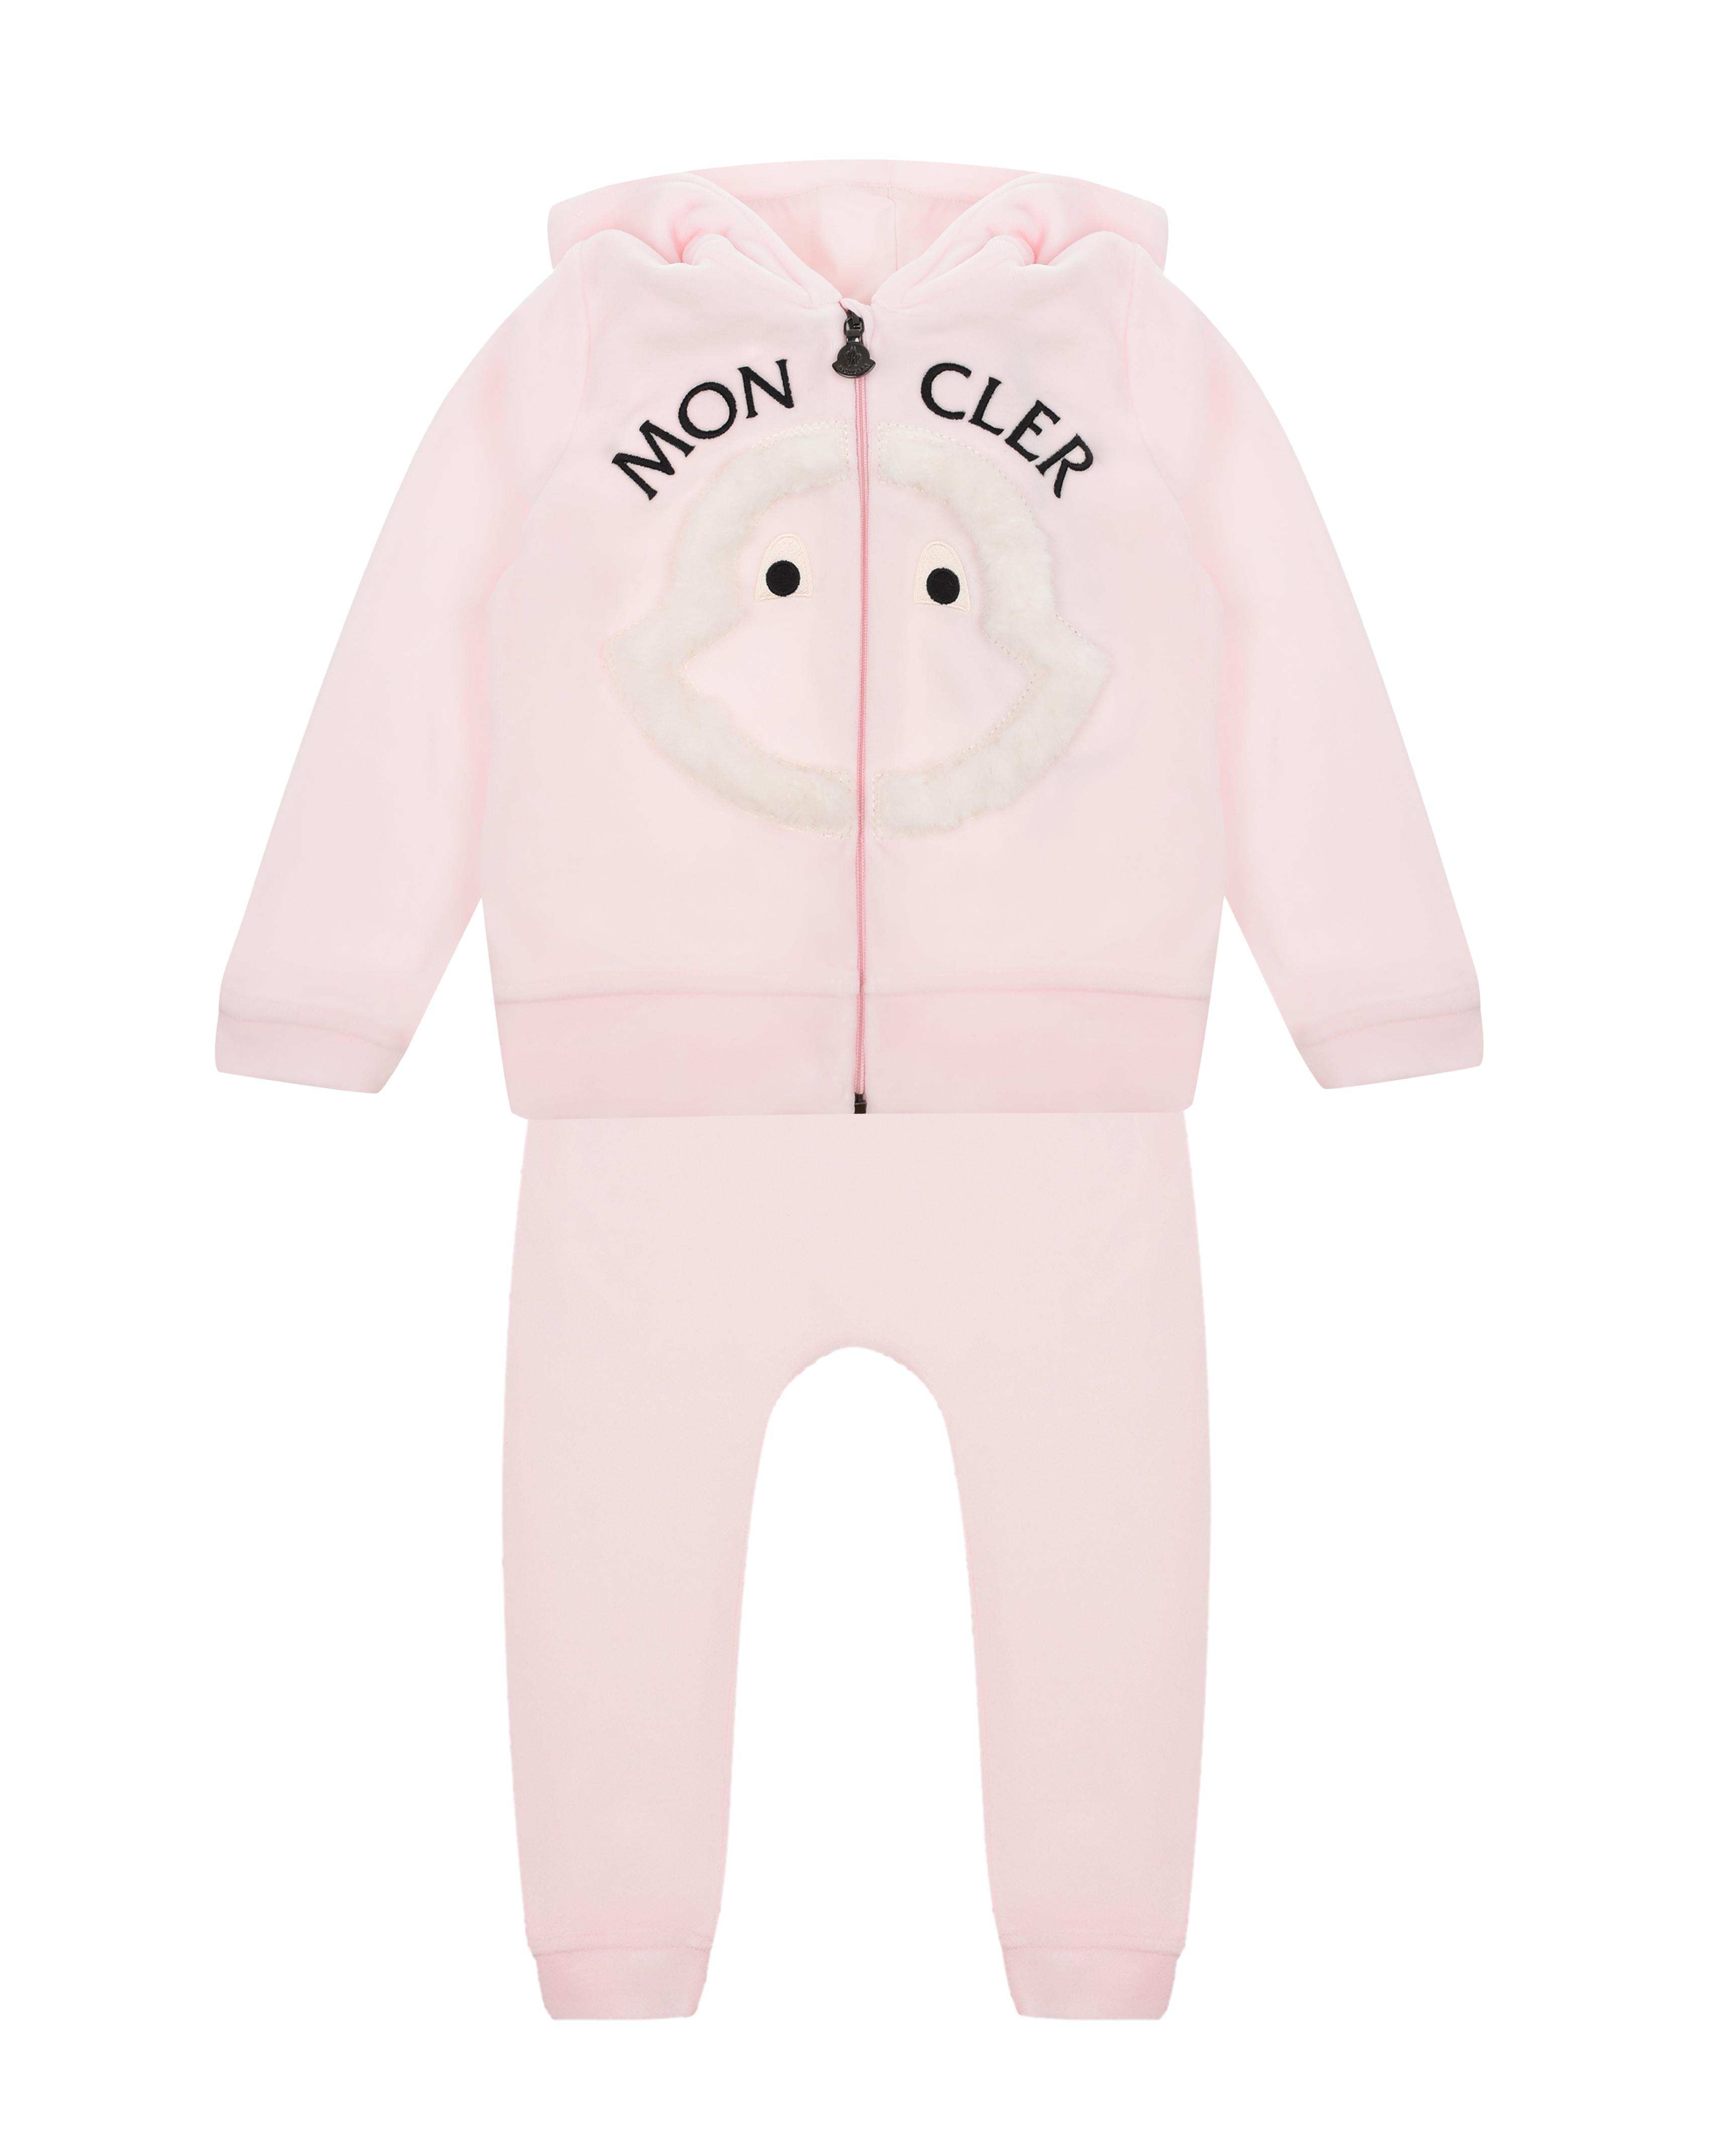 Купить Розовый спортивный костюм с логотипом Moncler детский, 100%полиэстер, 88%хлопок+12%полиэстер